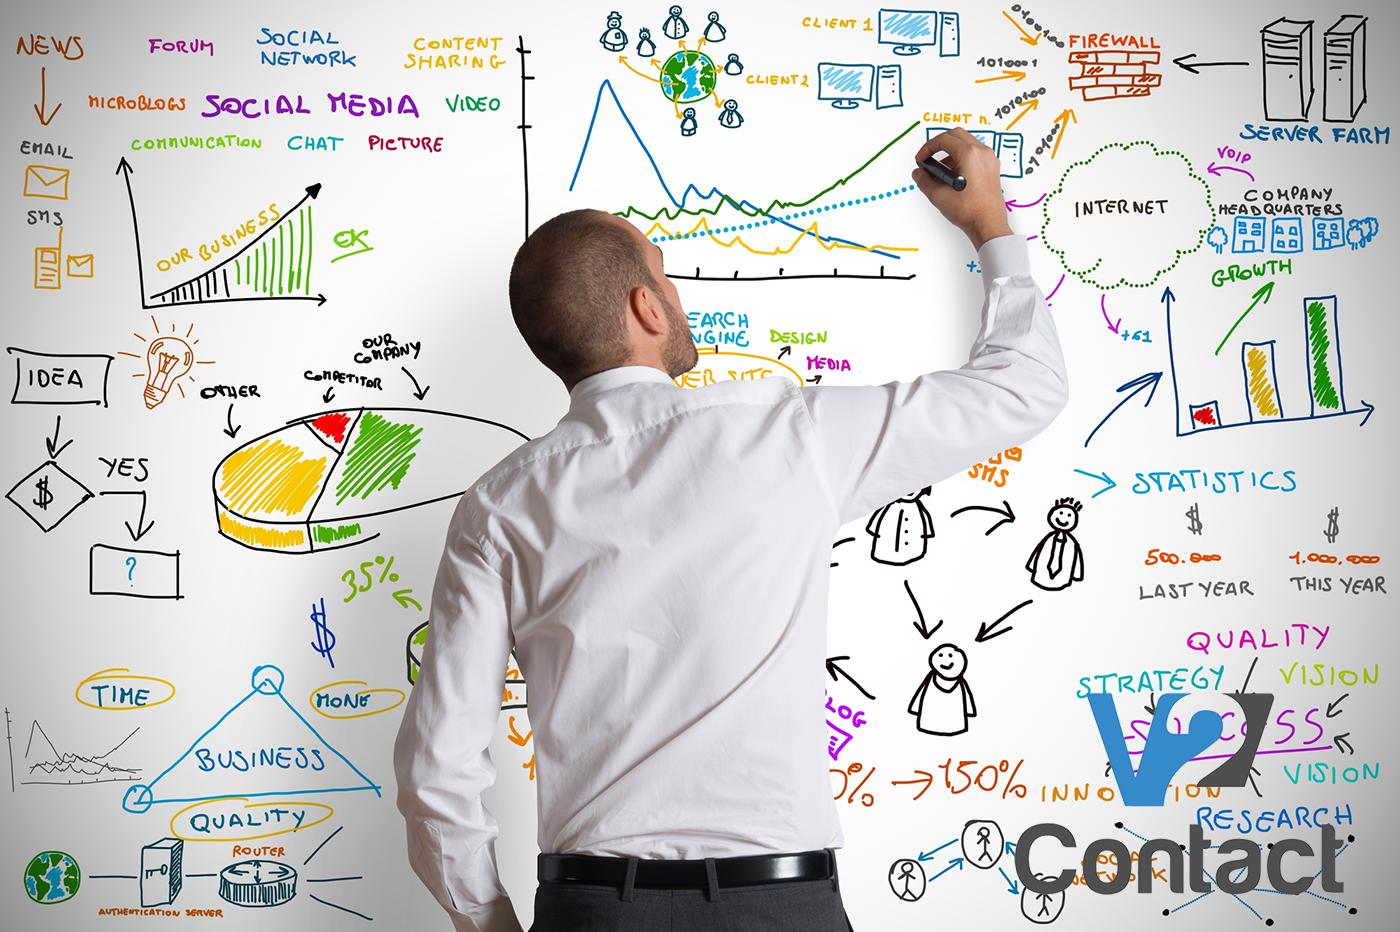 El Marketing puede ser uno de los lugares más increíbles para trabajar